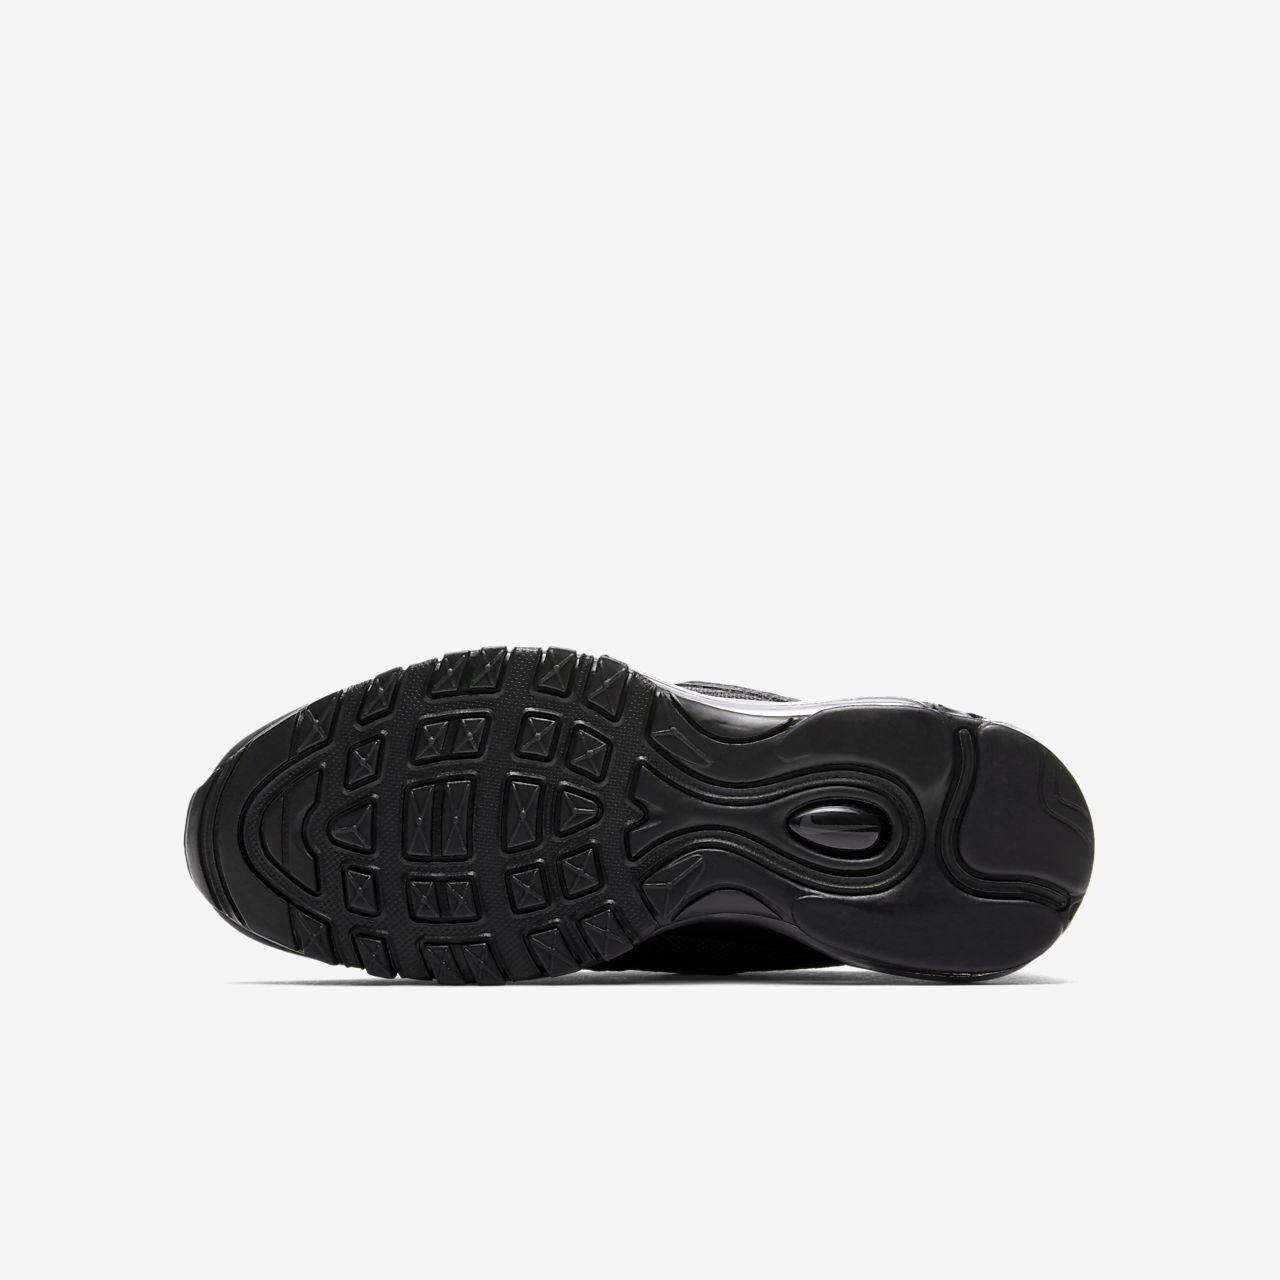 separation shoes 46460 3ec7a ... Chaussure Nike Air Max 97 OG pour Enfant plus âgé